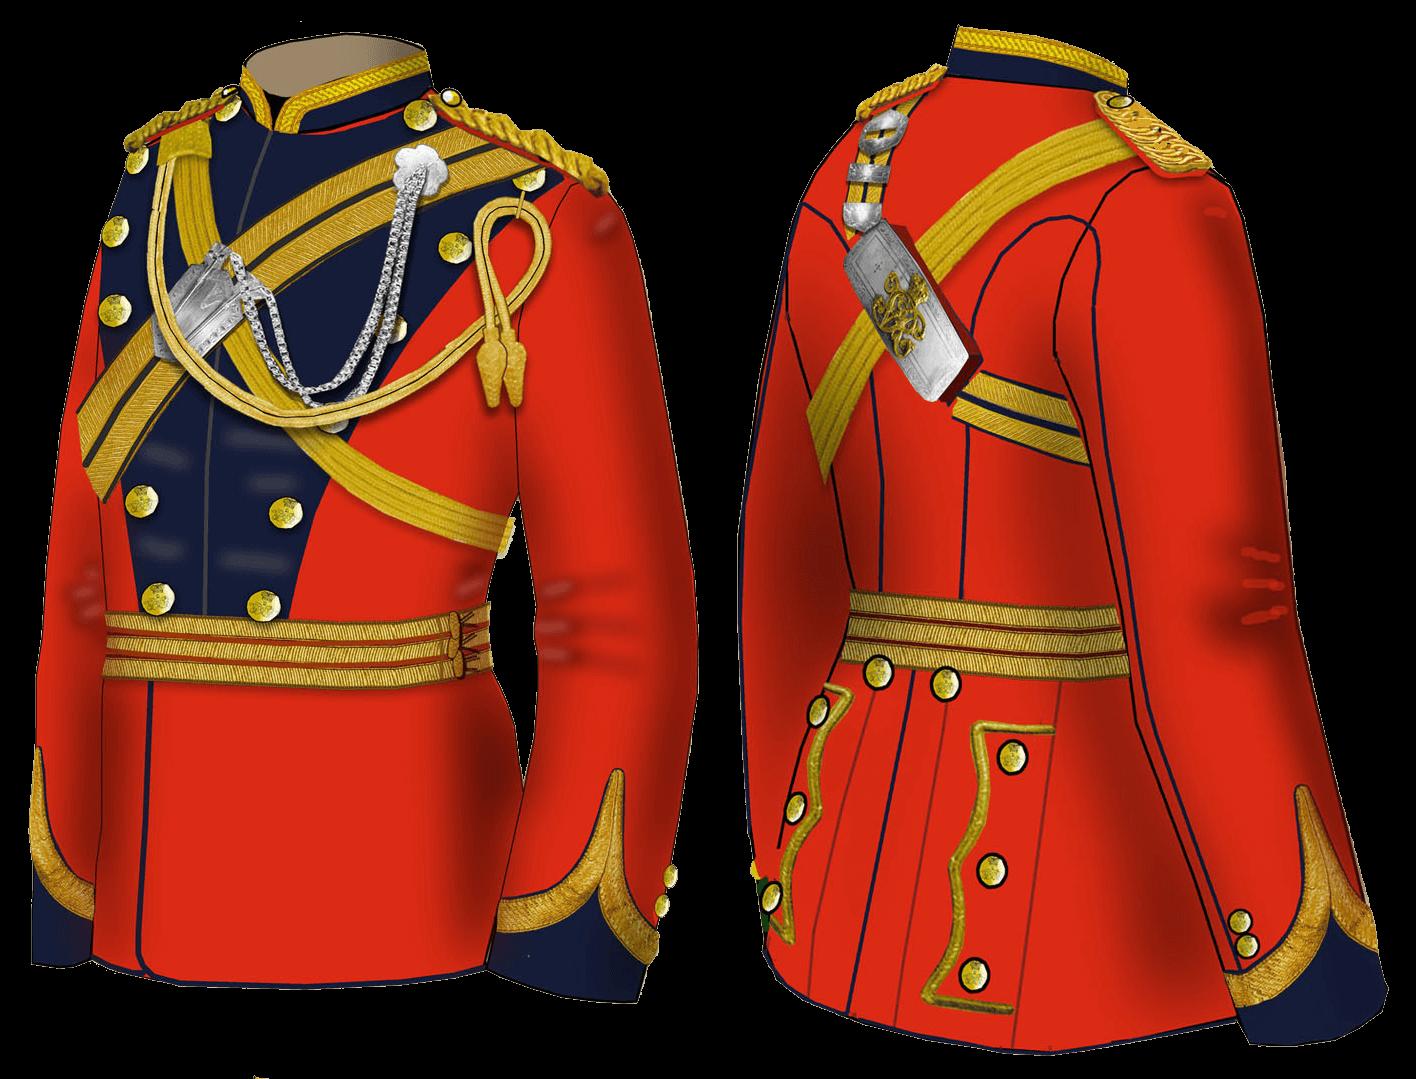 Мундир офицера 16 уланского полка 1881 – 1890 годов.